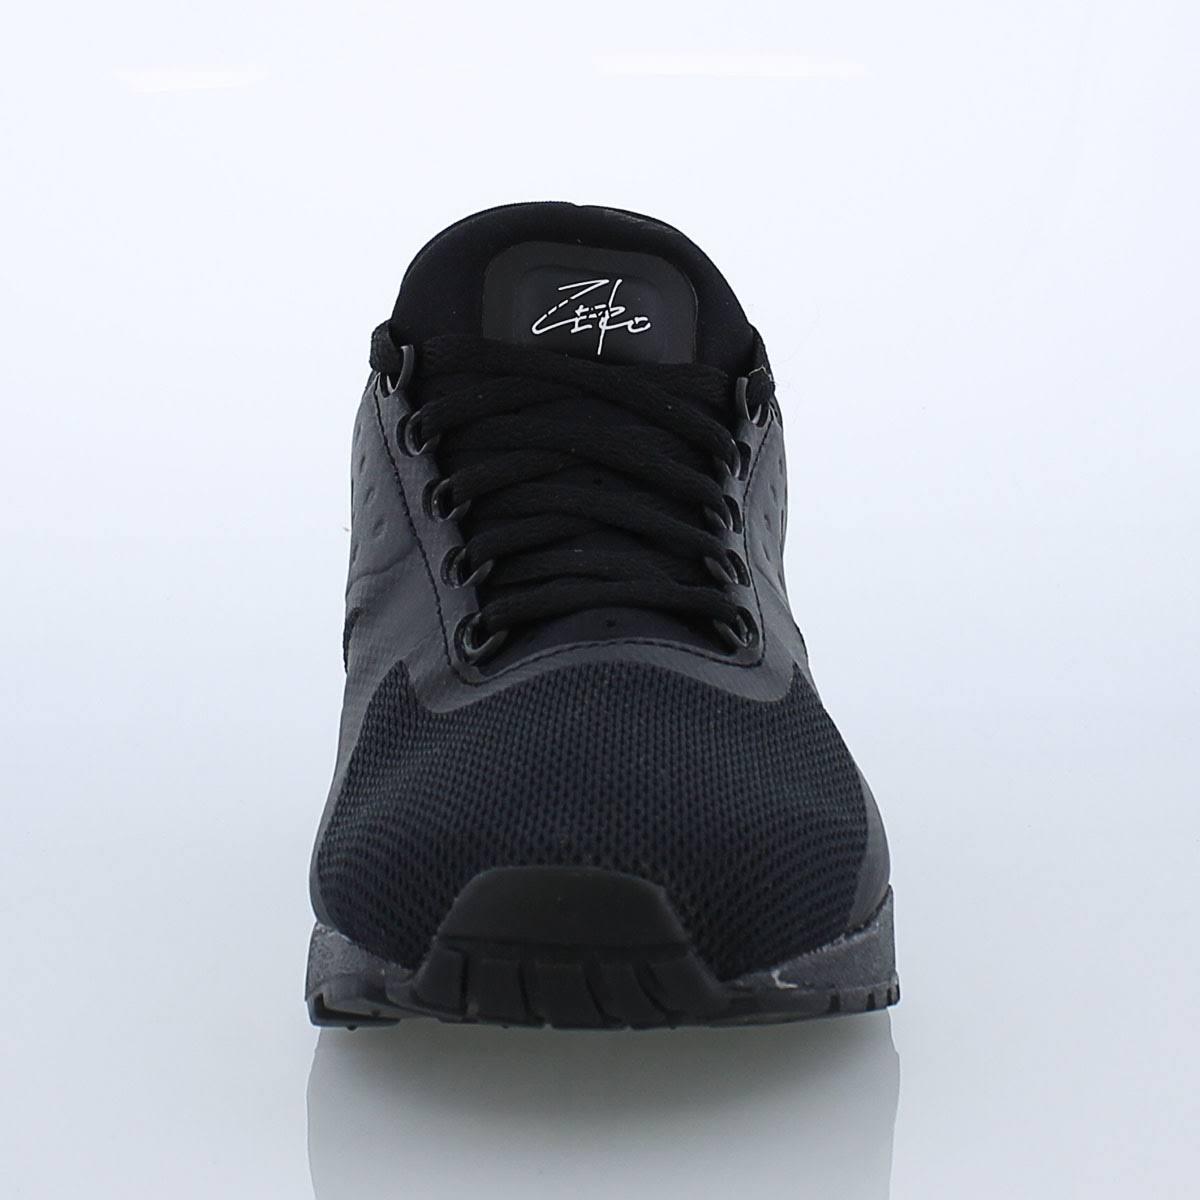 Größe Zero Schulschuhe Schwarz 6 Jungen Air Nike Max 881224006 5 nYB1qEHH